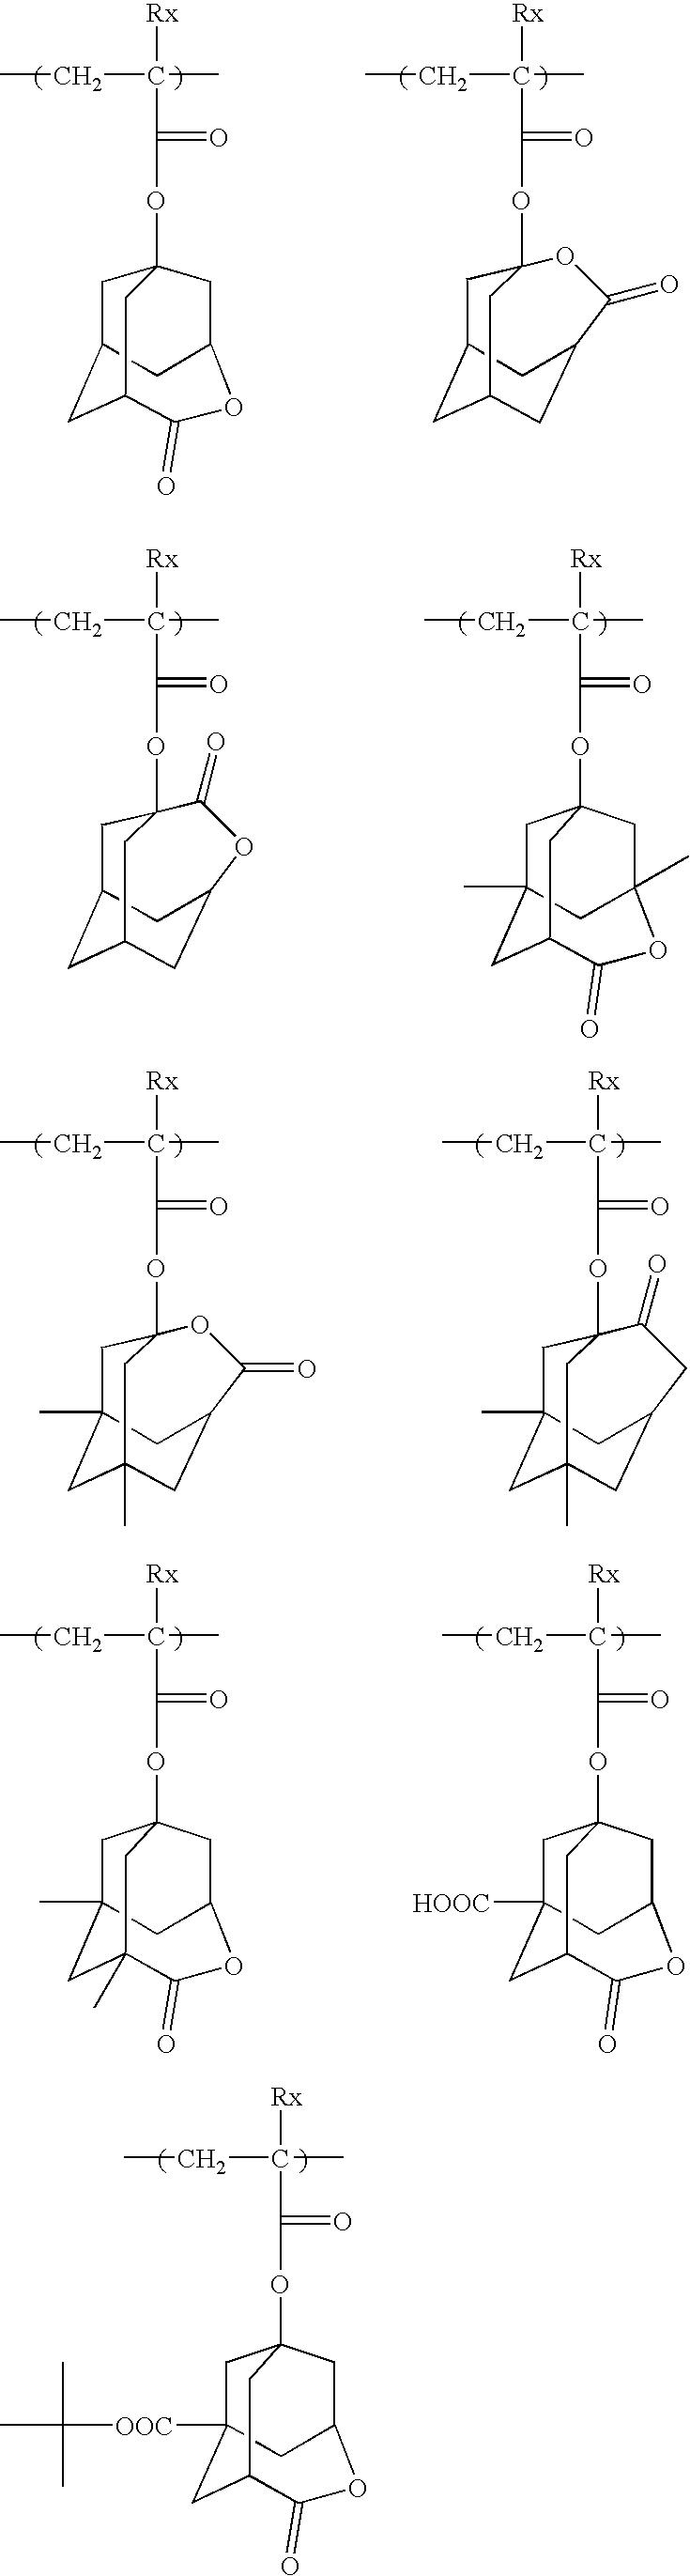 Figure US08241840-20120814-C00033